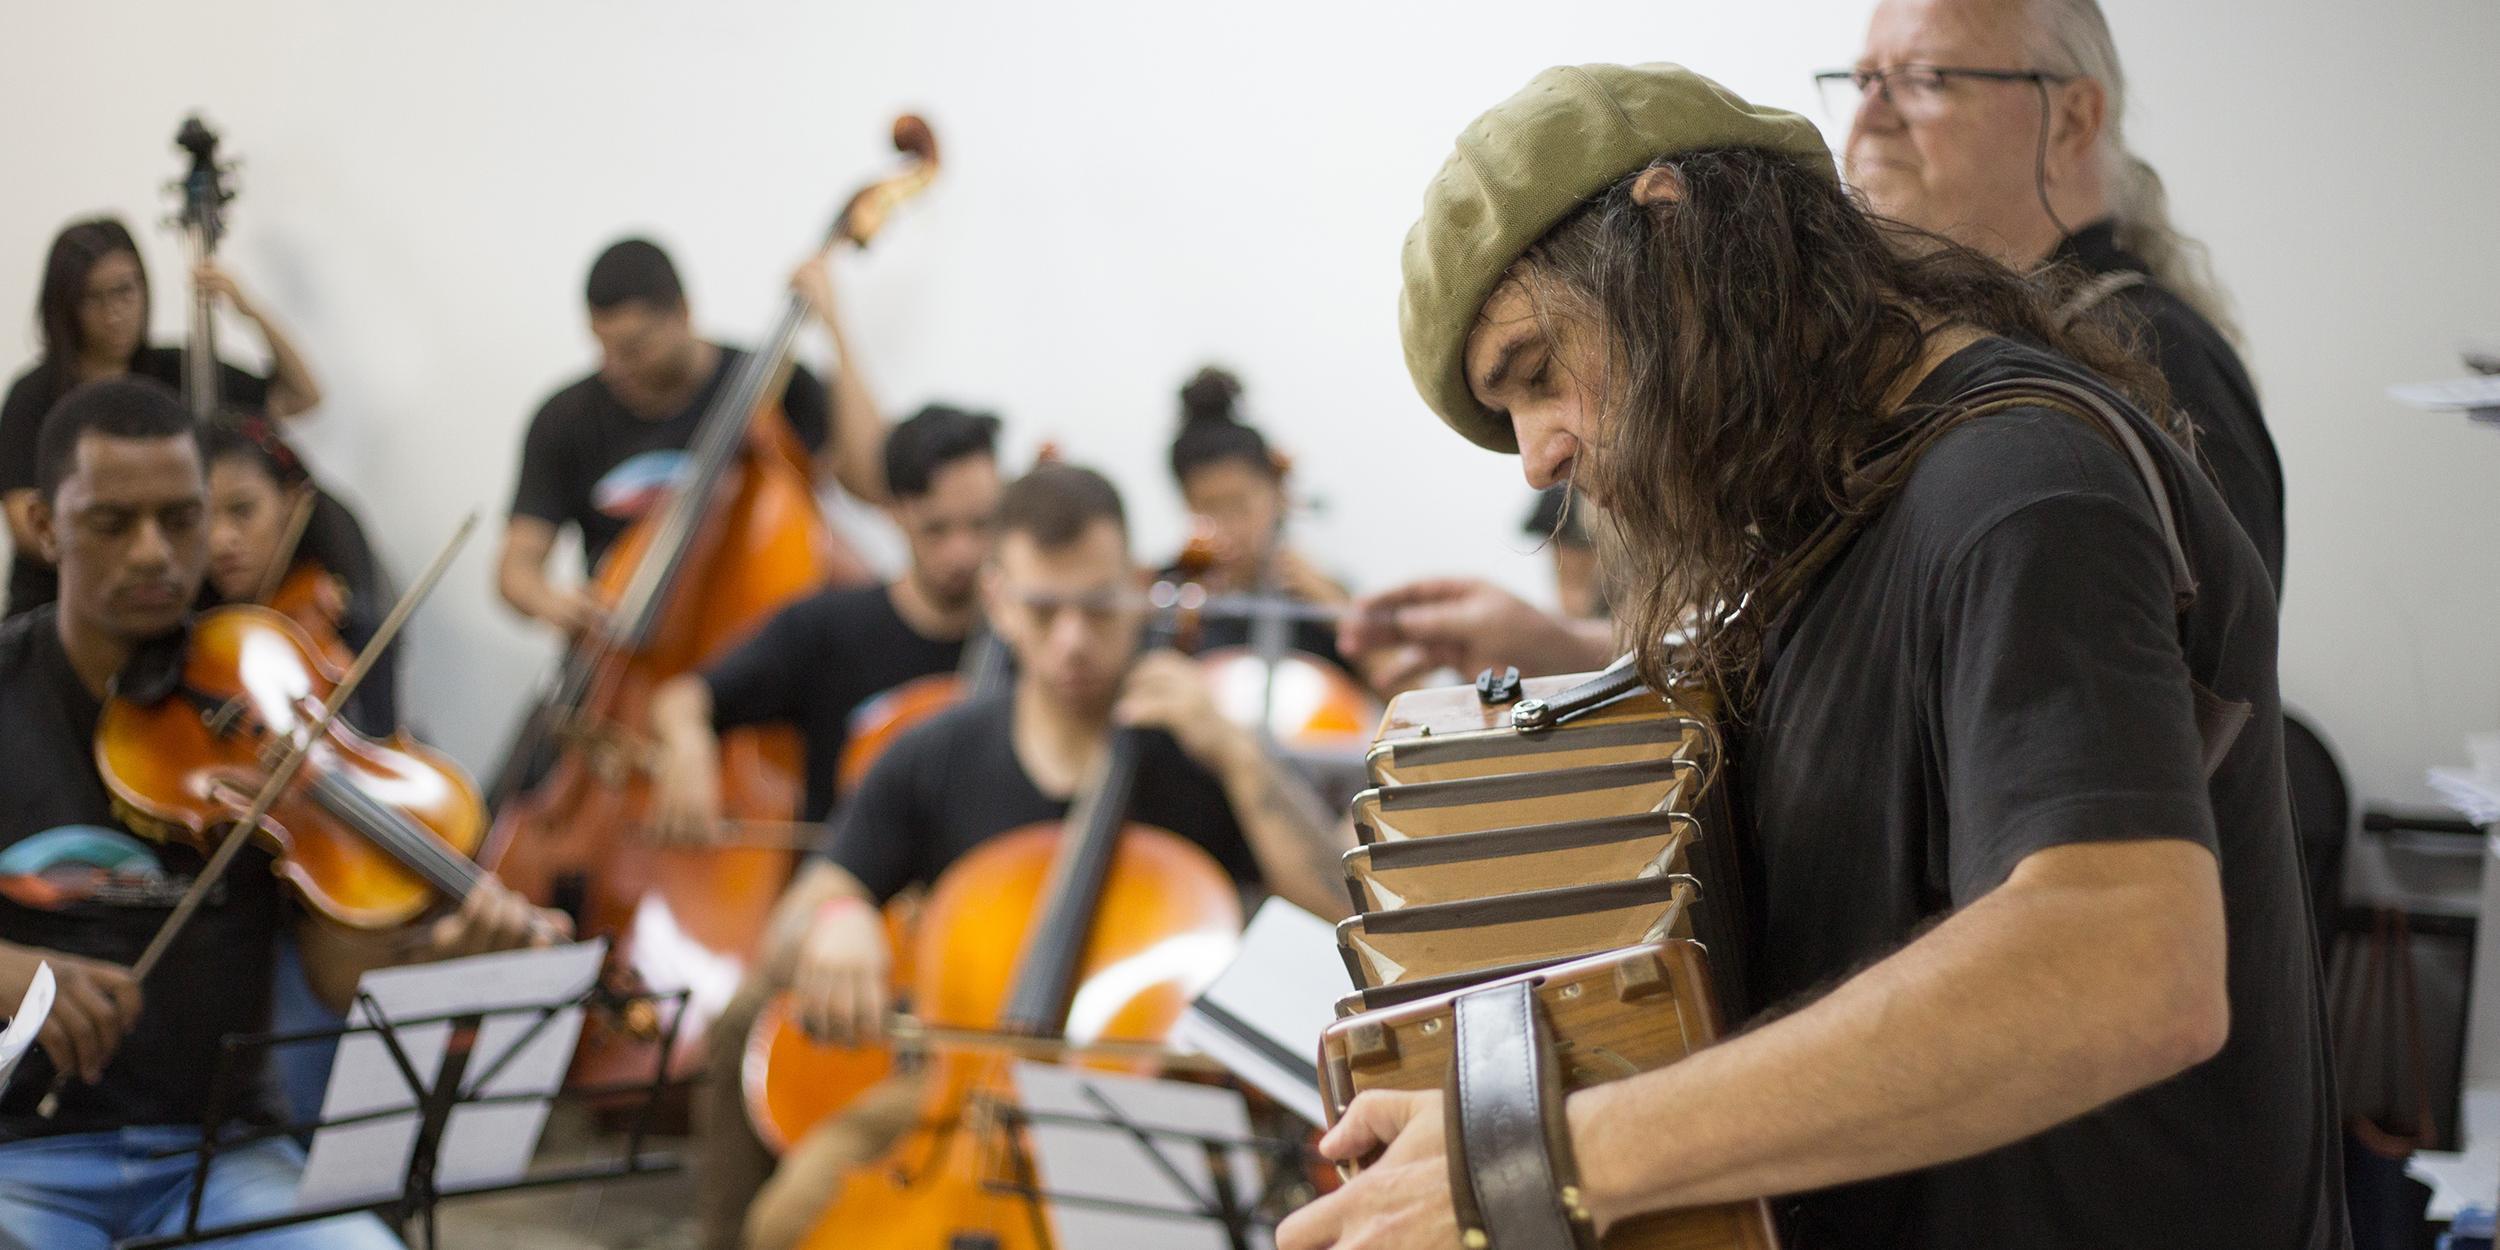 Espetáculo irá contar com um repertório repleto de músicas tradicionais gaúchas